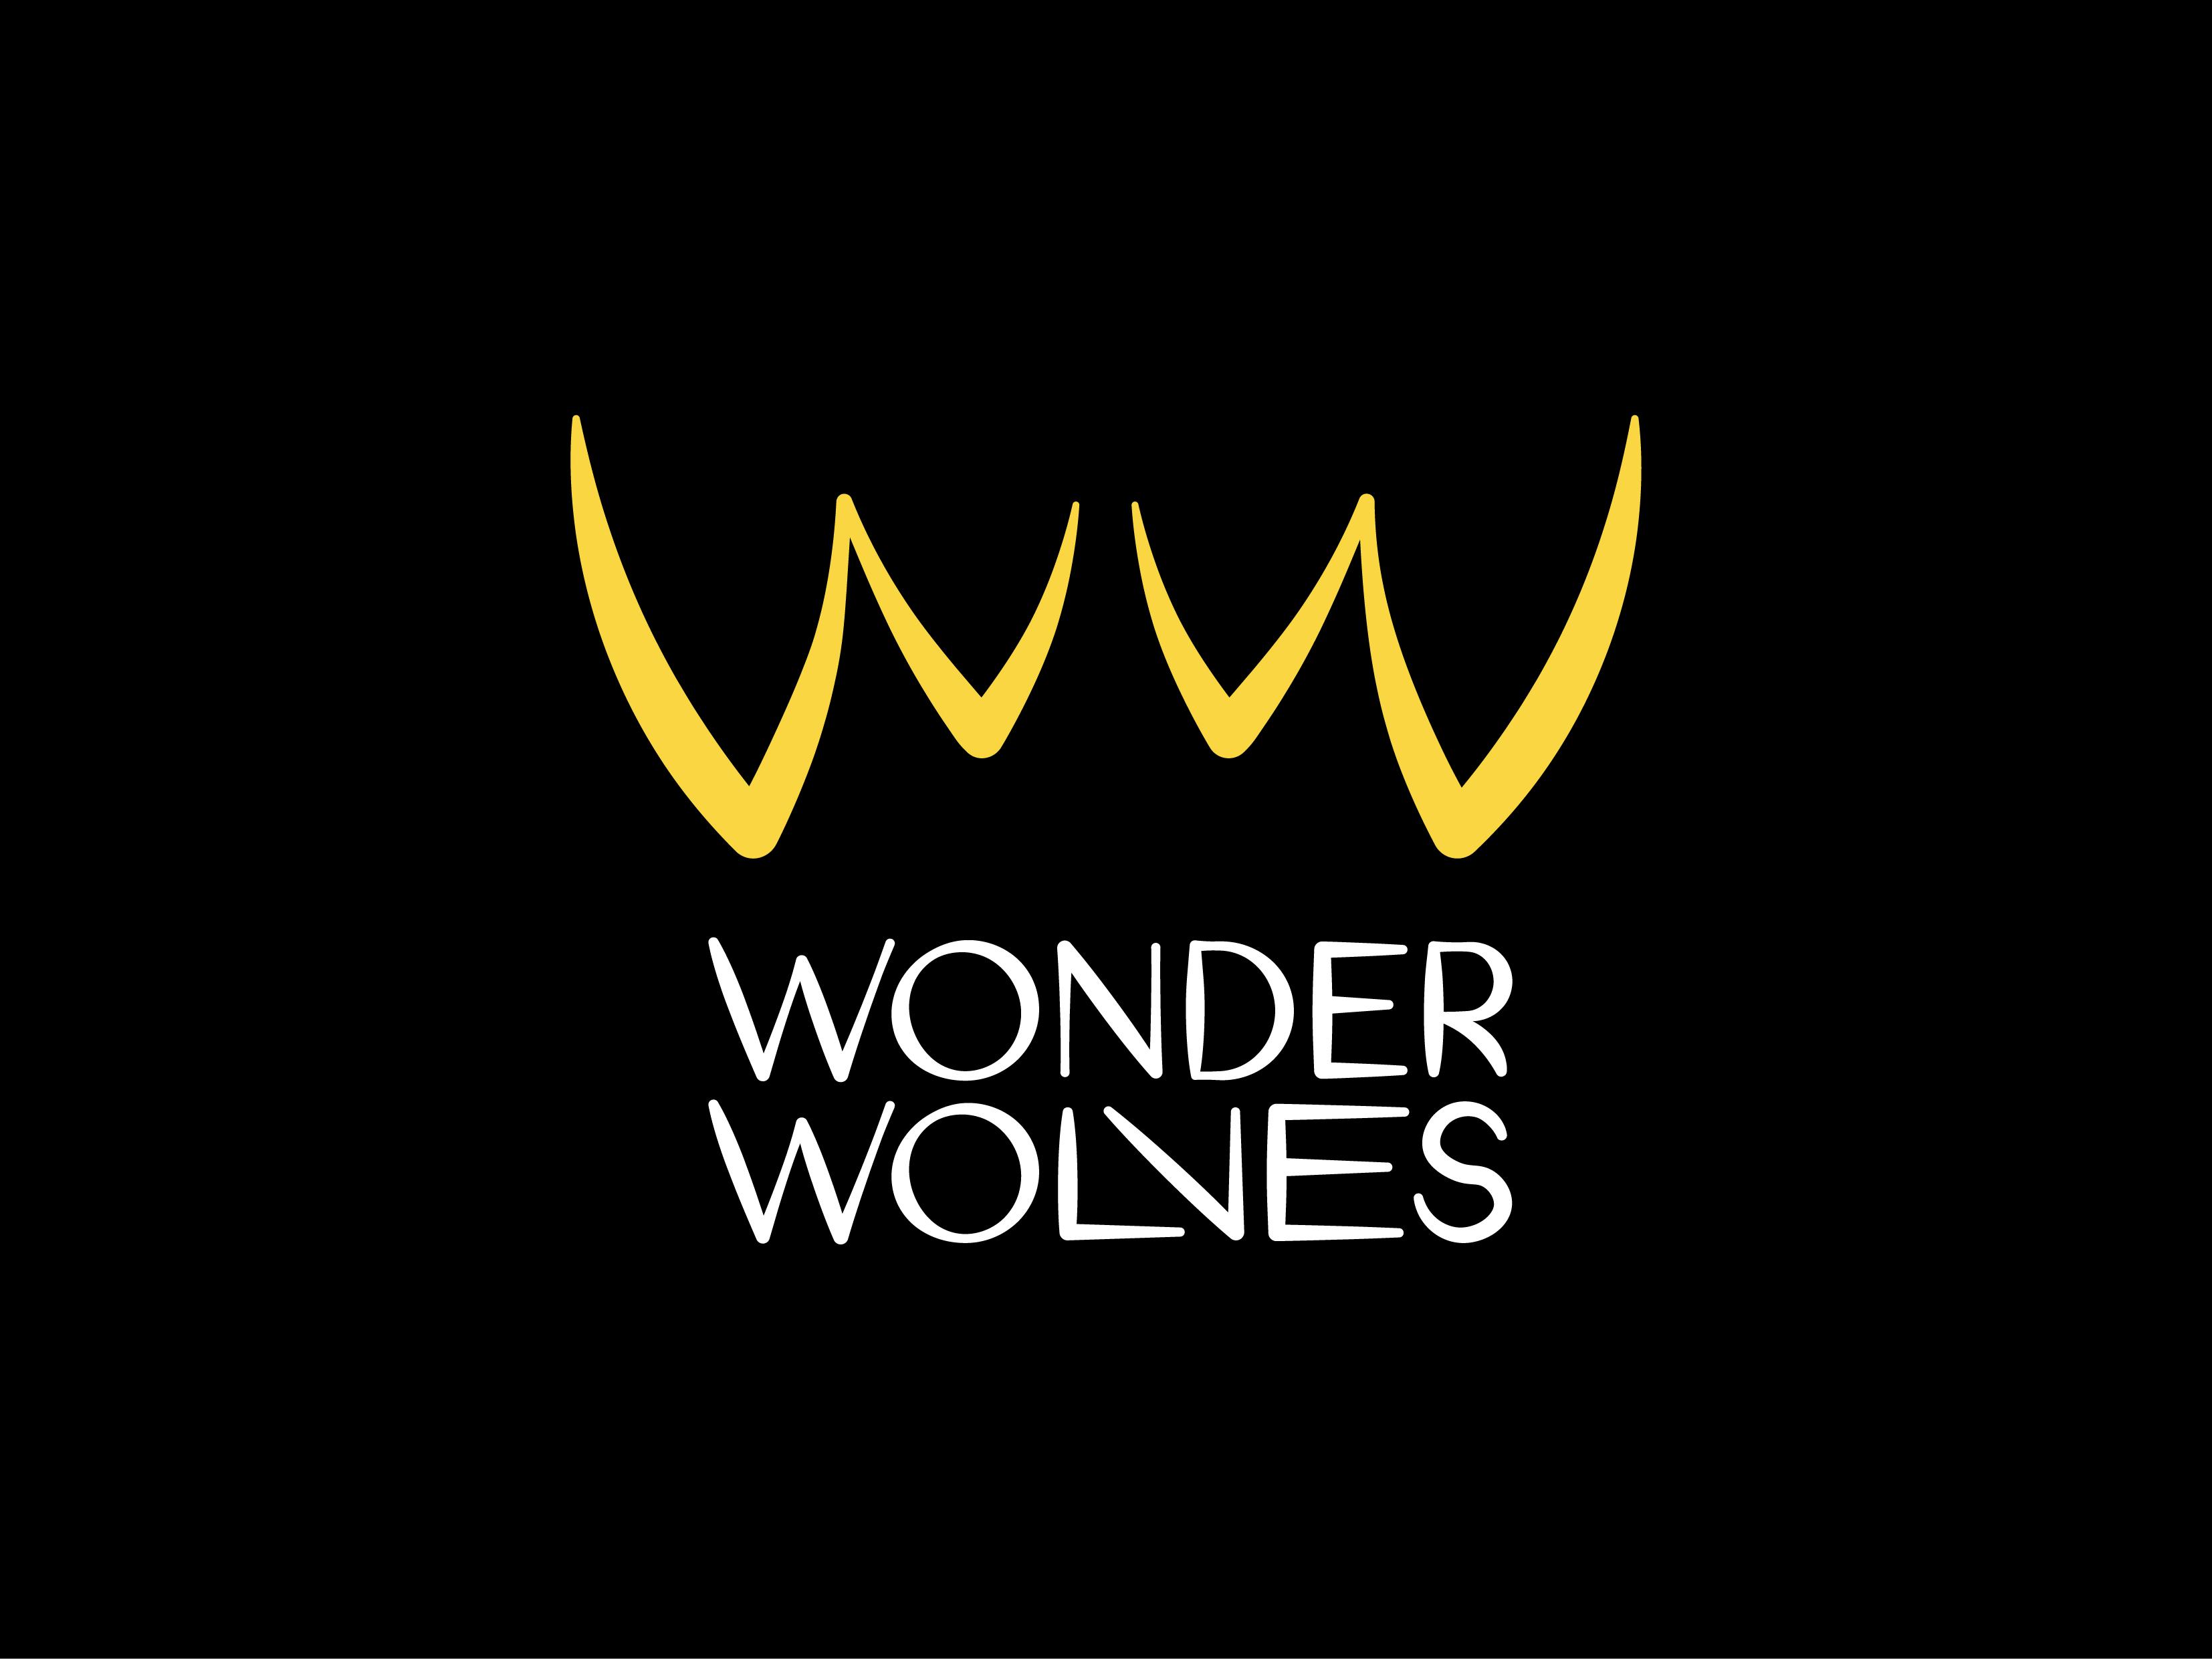 Ww logo 01